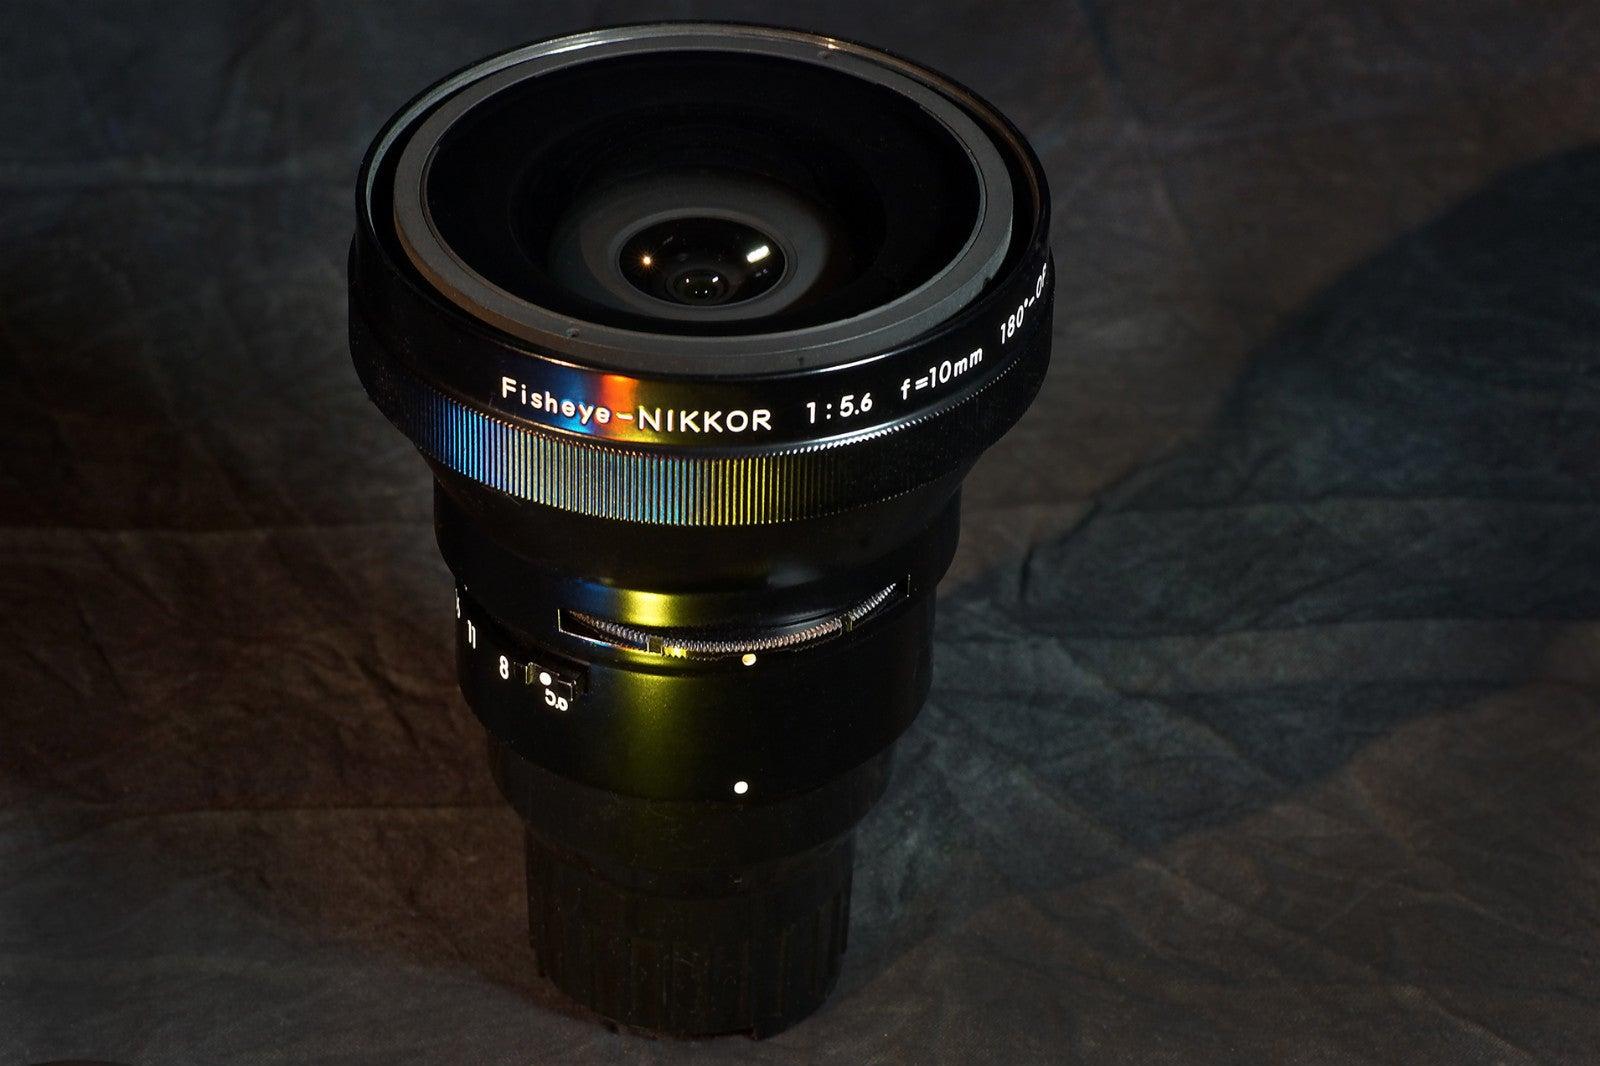 nikkor 10mm f5.6